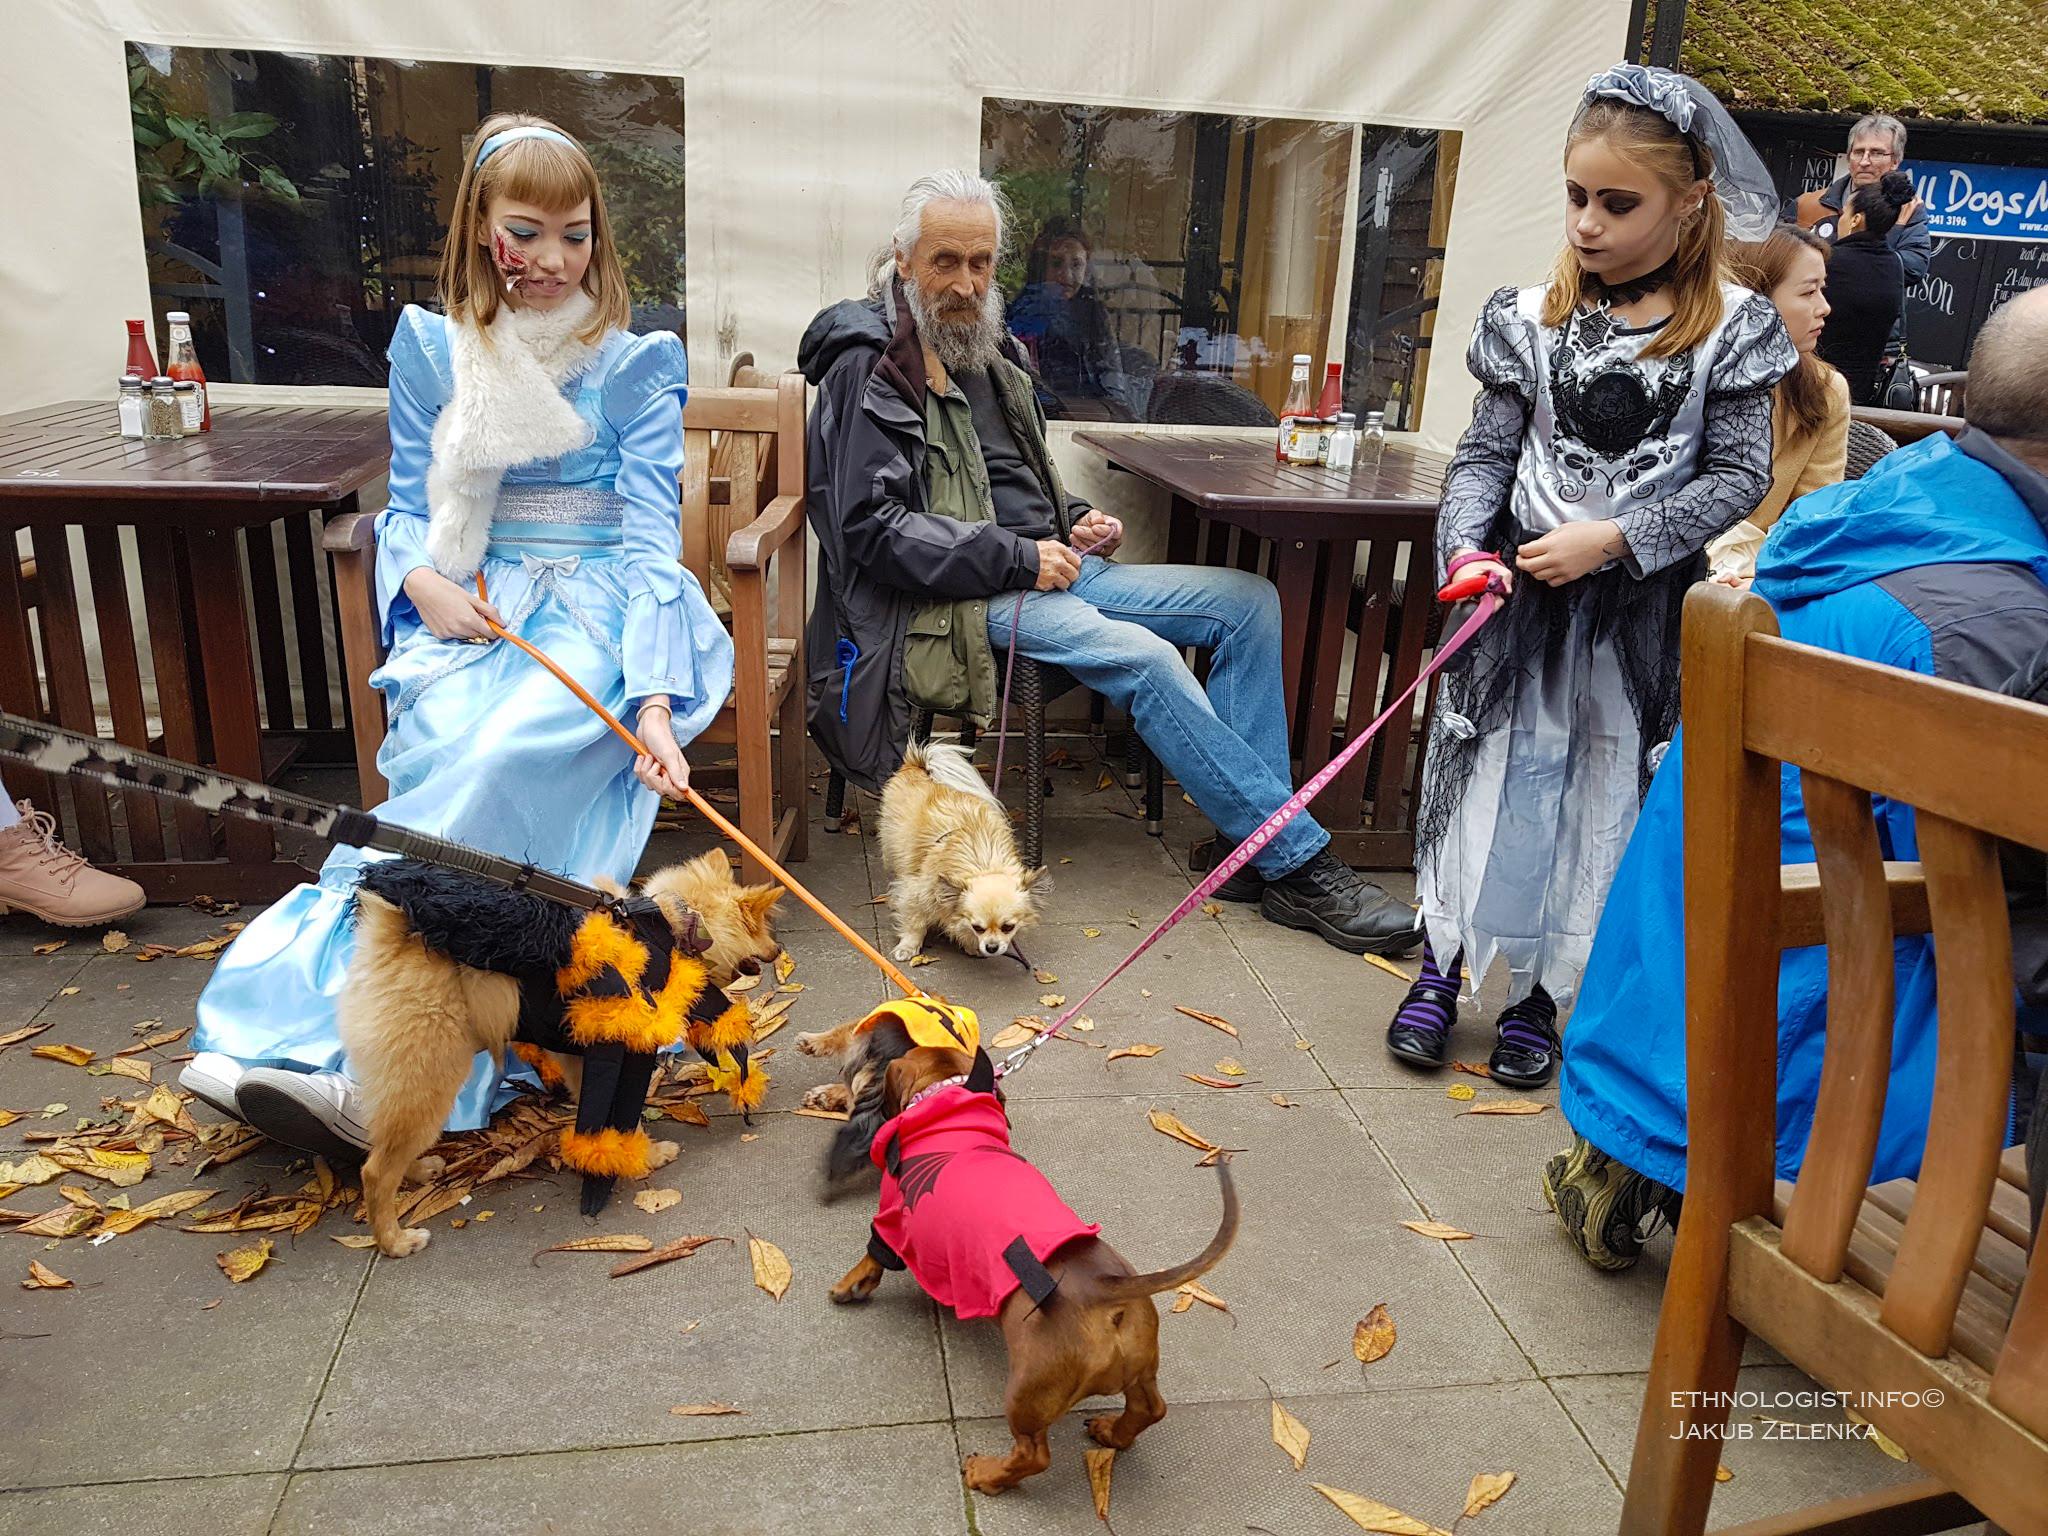 Svátek Halloween slaví i mnohé dobročinné organizace. Zde je zachycena charitativní akce spolku All Dogs Matter k níž tradičně patří i skupinový halloweenský průvod se psy. Foto: Jakub Zelenka, Lodnýn, 2017.